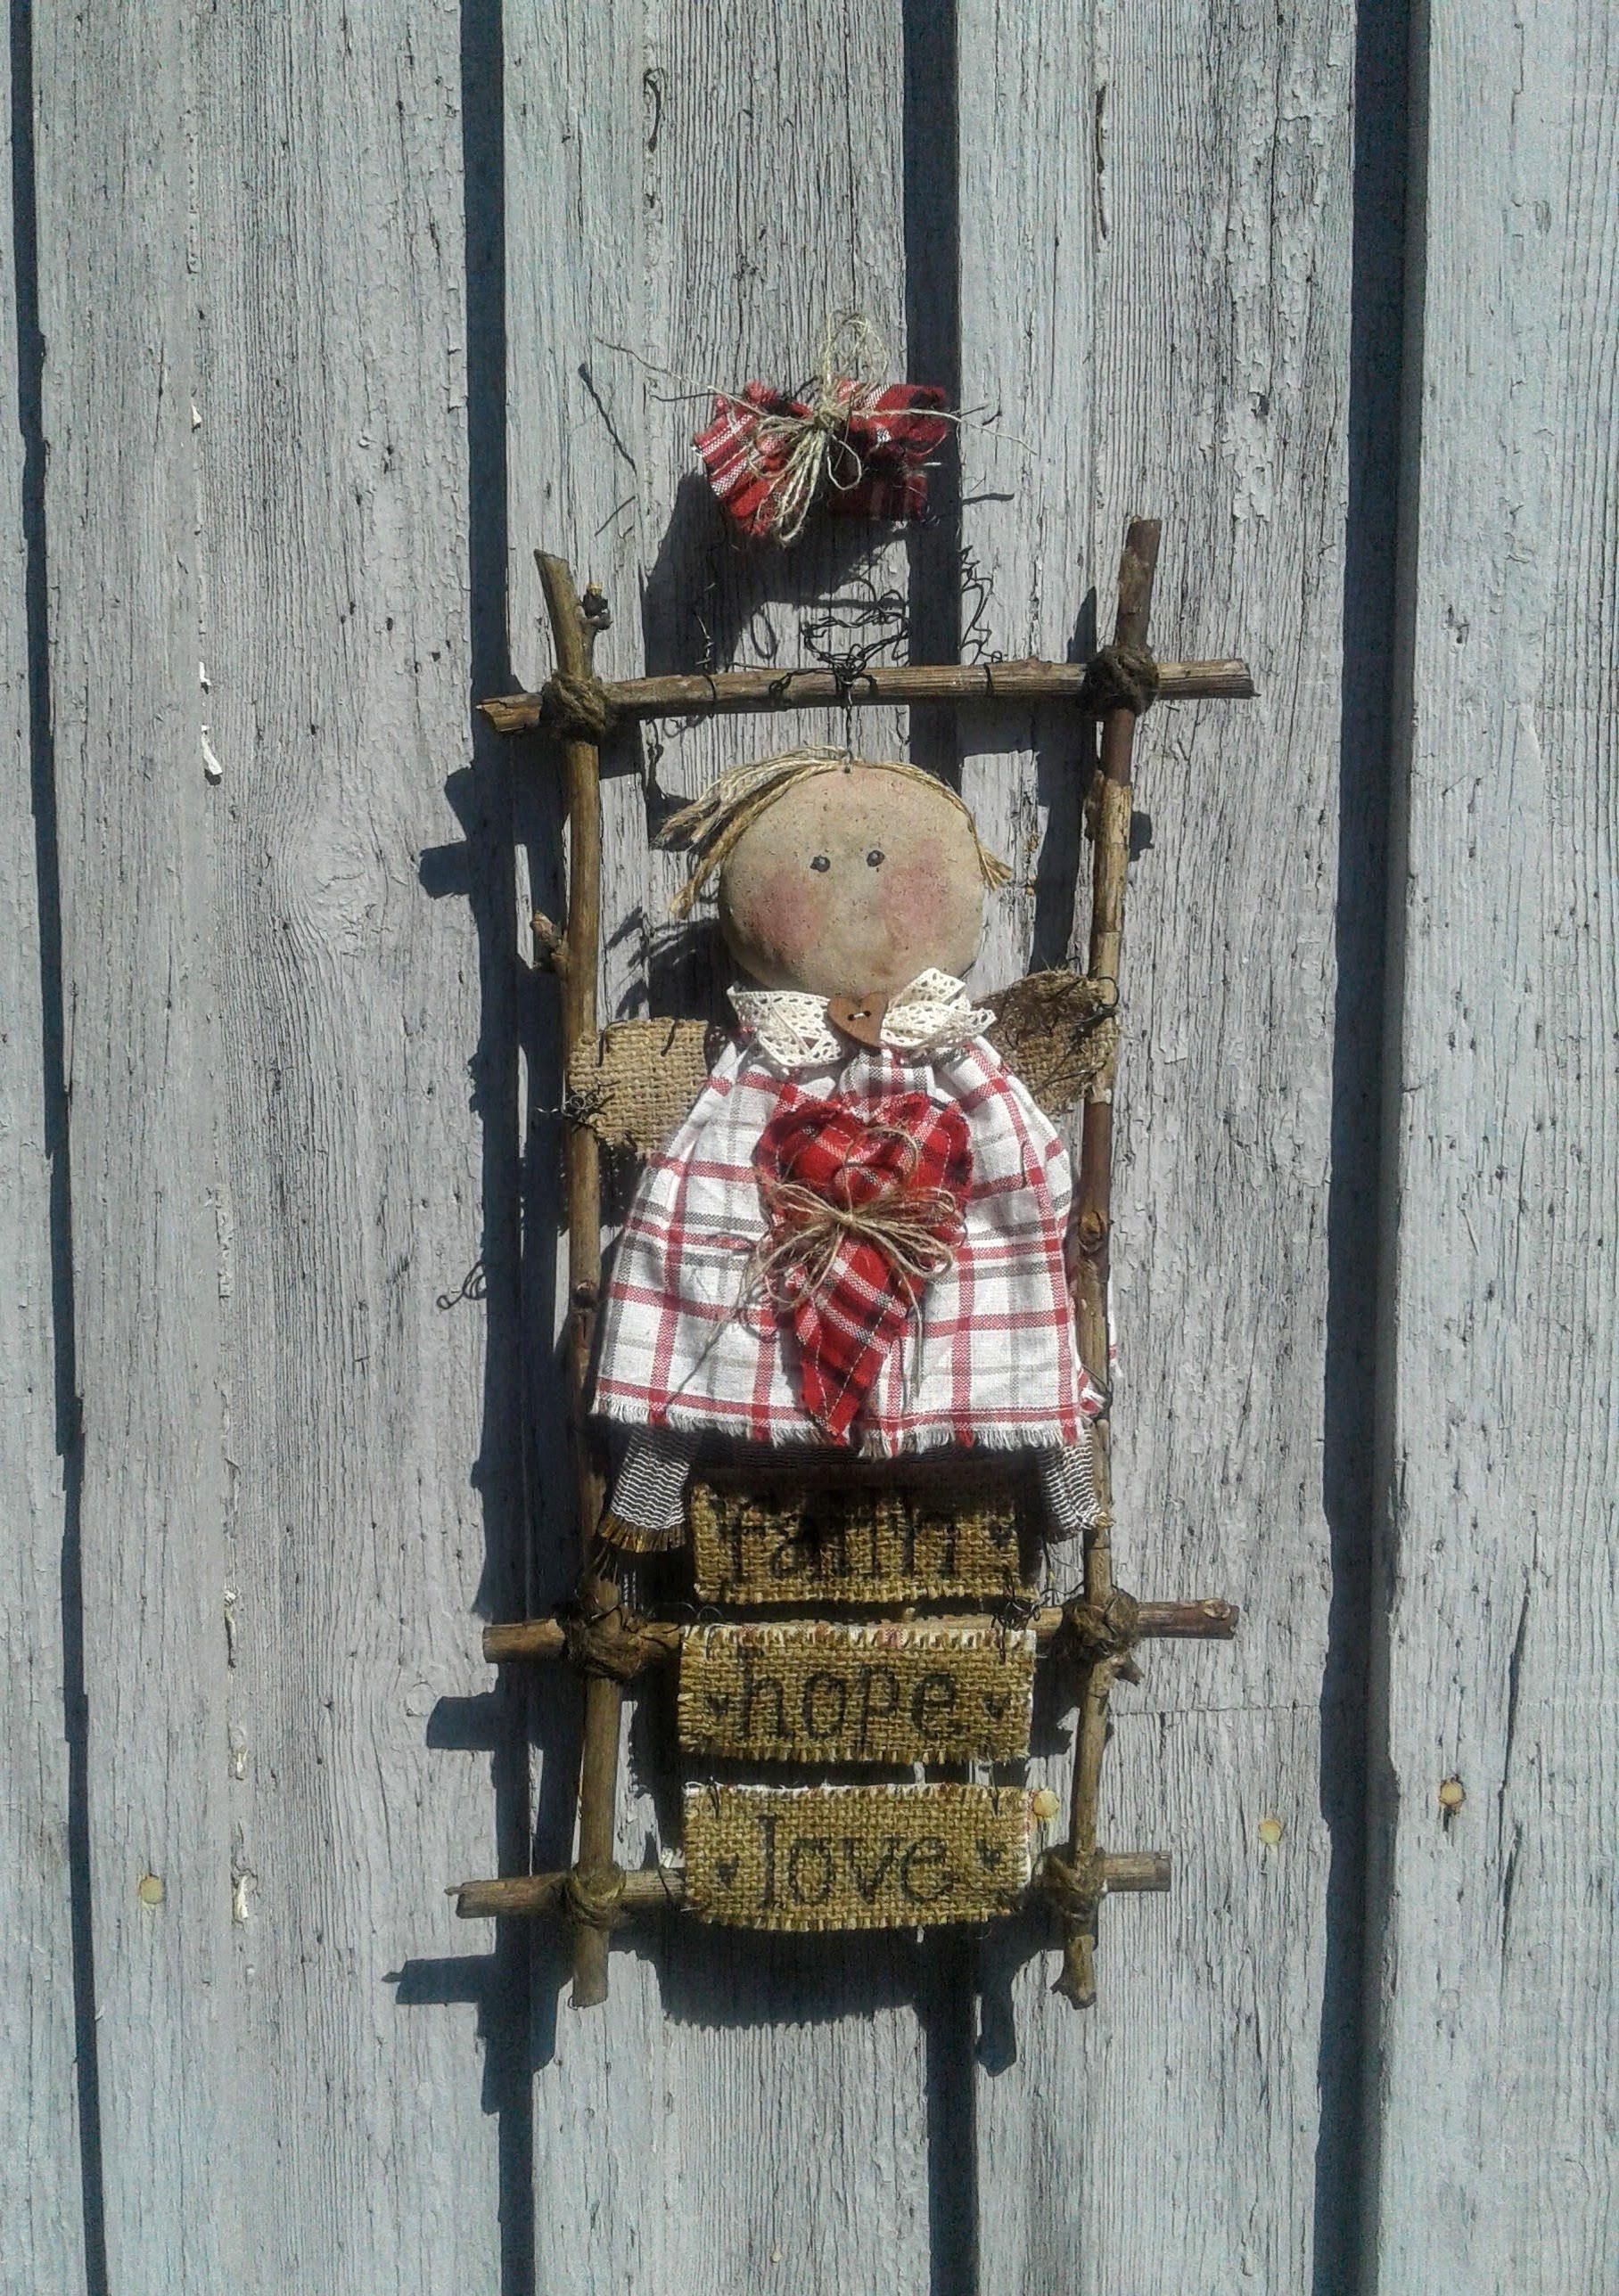 Primitive Angel - Primitive Door Decor - Front Door Decor - Faith Hope Love - Primitive Hanger - Primitive Decor - Primitive Doll - Wreath & Primitive Angel - Primitive Door Decor - Front Door Decor - Faith ...